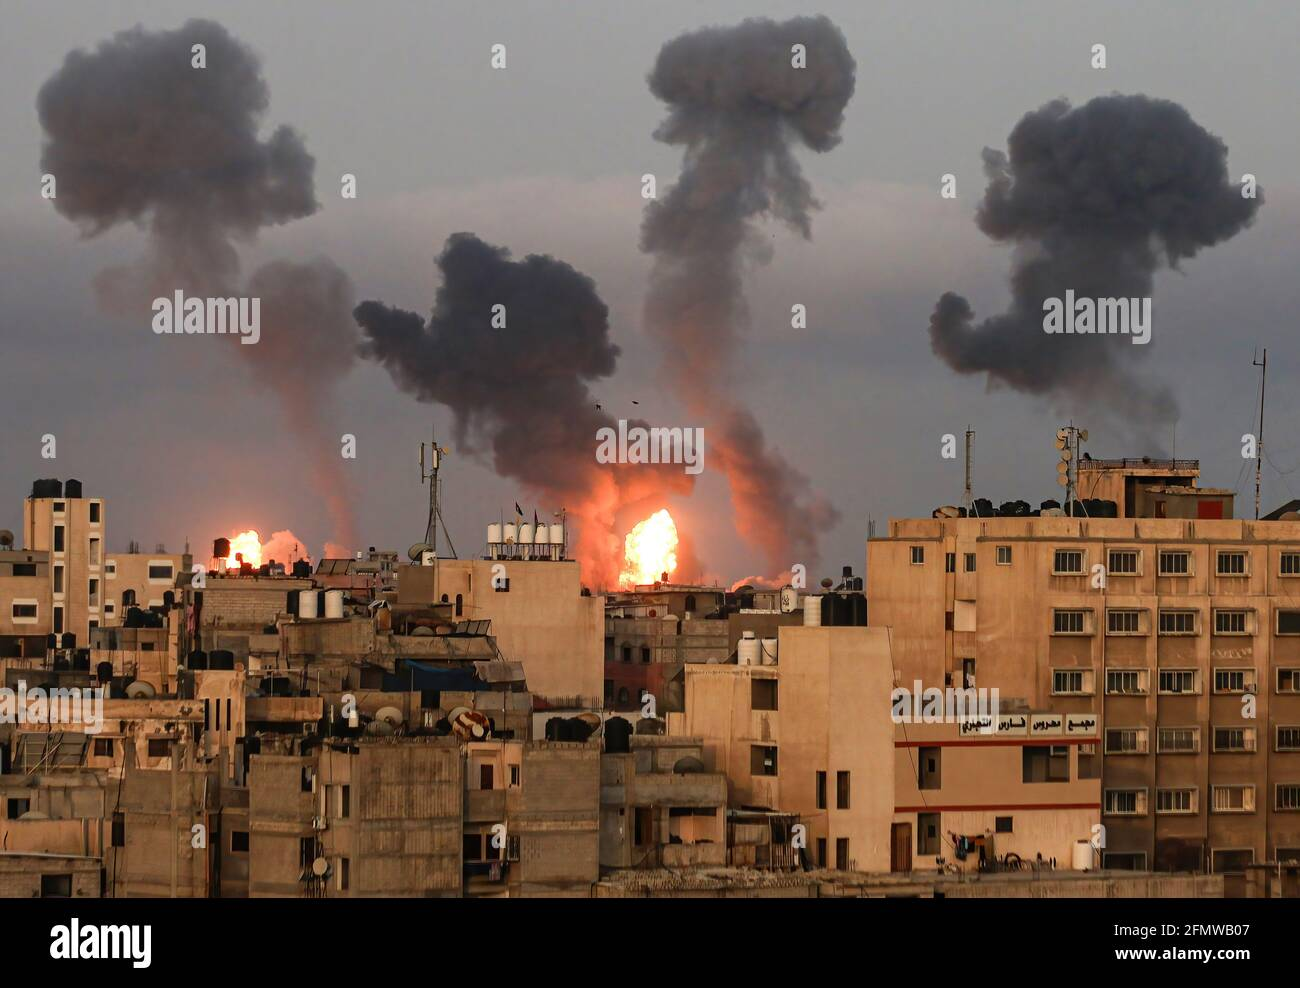 Gaza, Palestina. 11 Maggio 2021. Nuvole di fumo scuro viste sulla città di Gaza dopo un attacco aereo israeliano. Esplosioni e incendi causati da attacchi aerei israeliani nella striscia di Gaza meridionale, e Israele ha lanciato attacchi aerei sulla striscia costiera in risposta a una sbarramento di razzi lanciati dai palestinesi in Israele. Credit: SOPA Images Limited/Alamy Live News Foto Stock